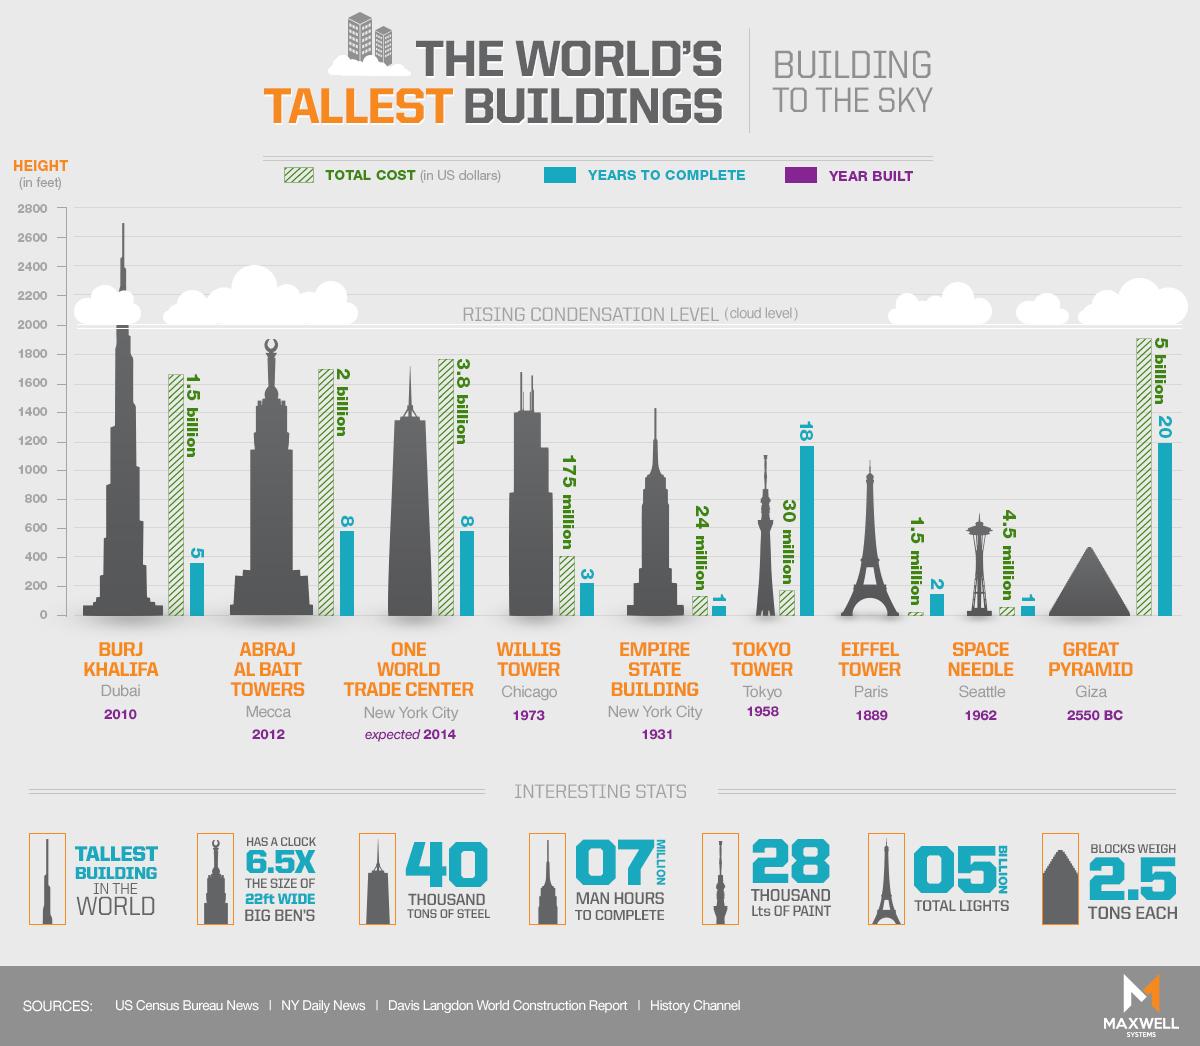 WorldsTallestBuildings-02-rev02